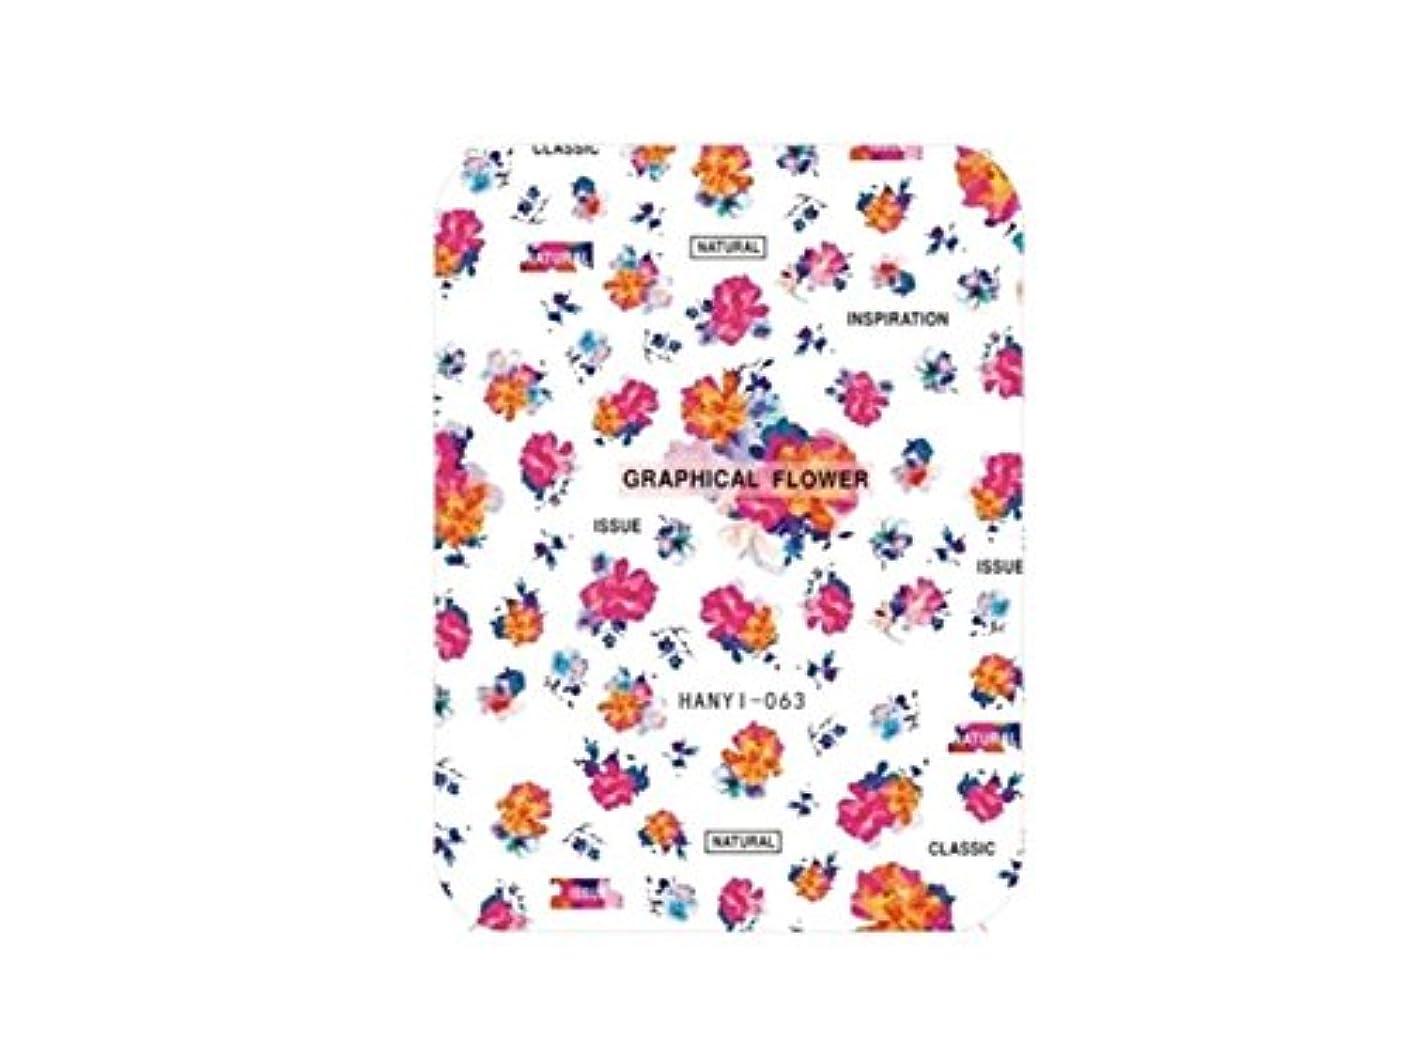 スナックスイッチ羽Osize ファッションカラフルな花ネイルアートステッカー水転送ネイルステッカーネイルアクセサリー(示されているように)